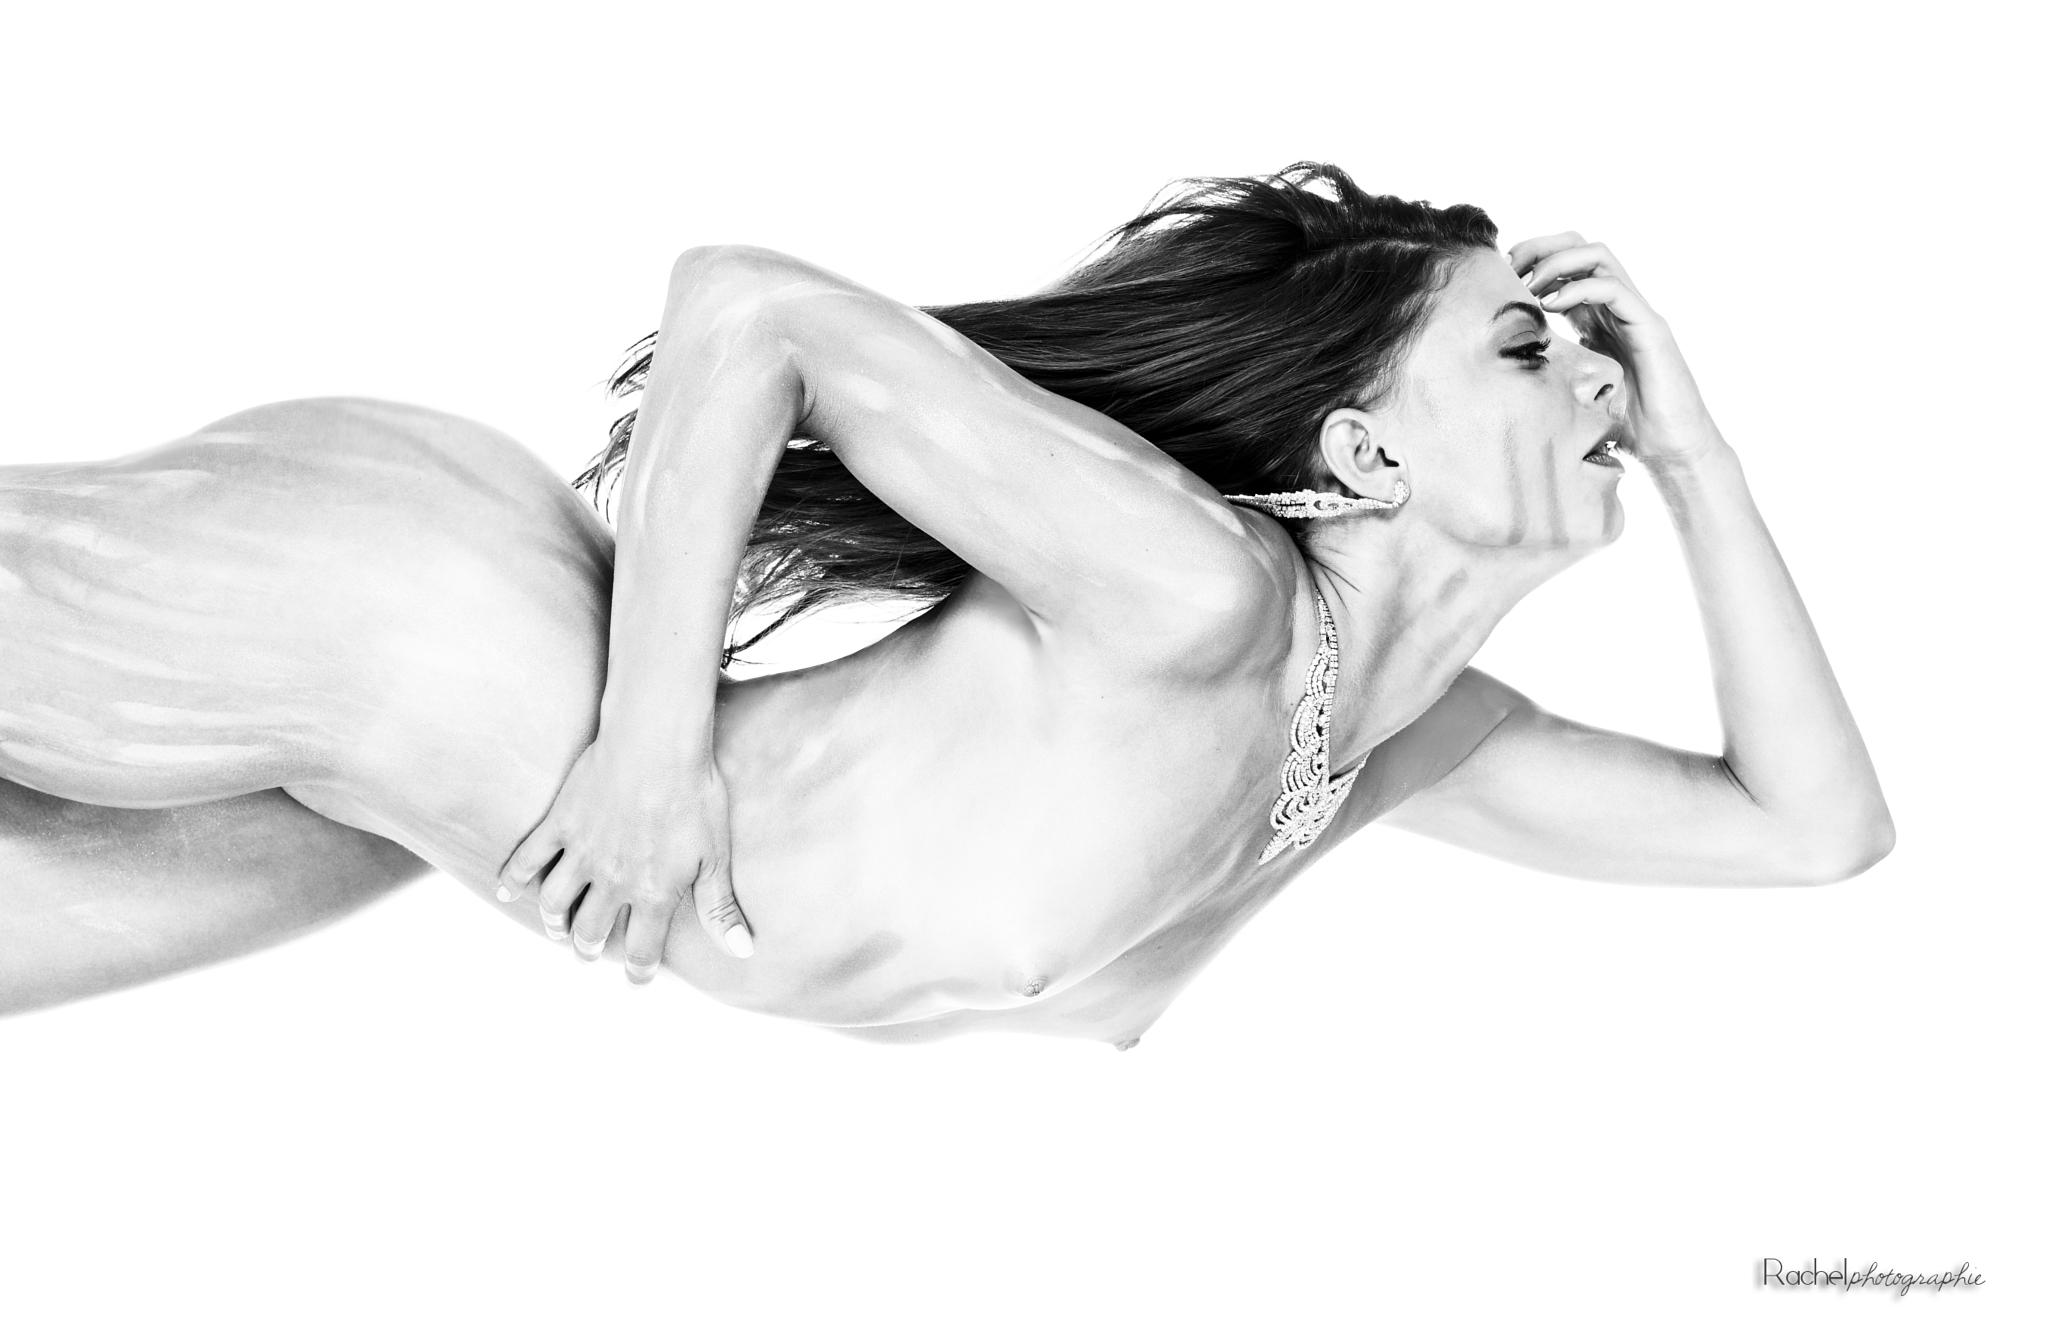 C. by Rachel M.